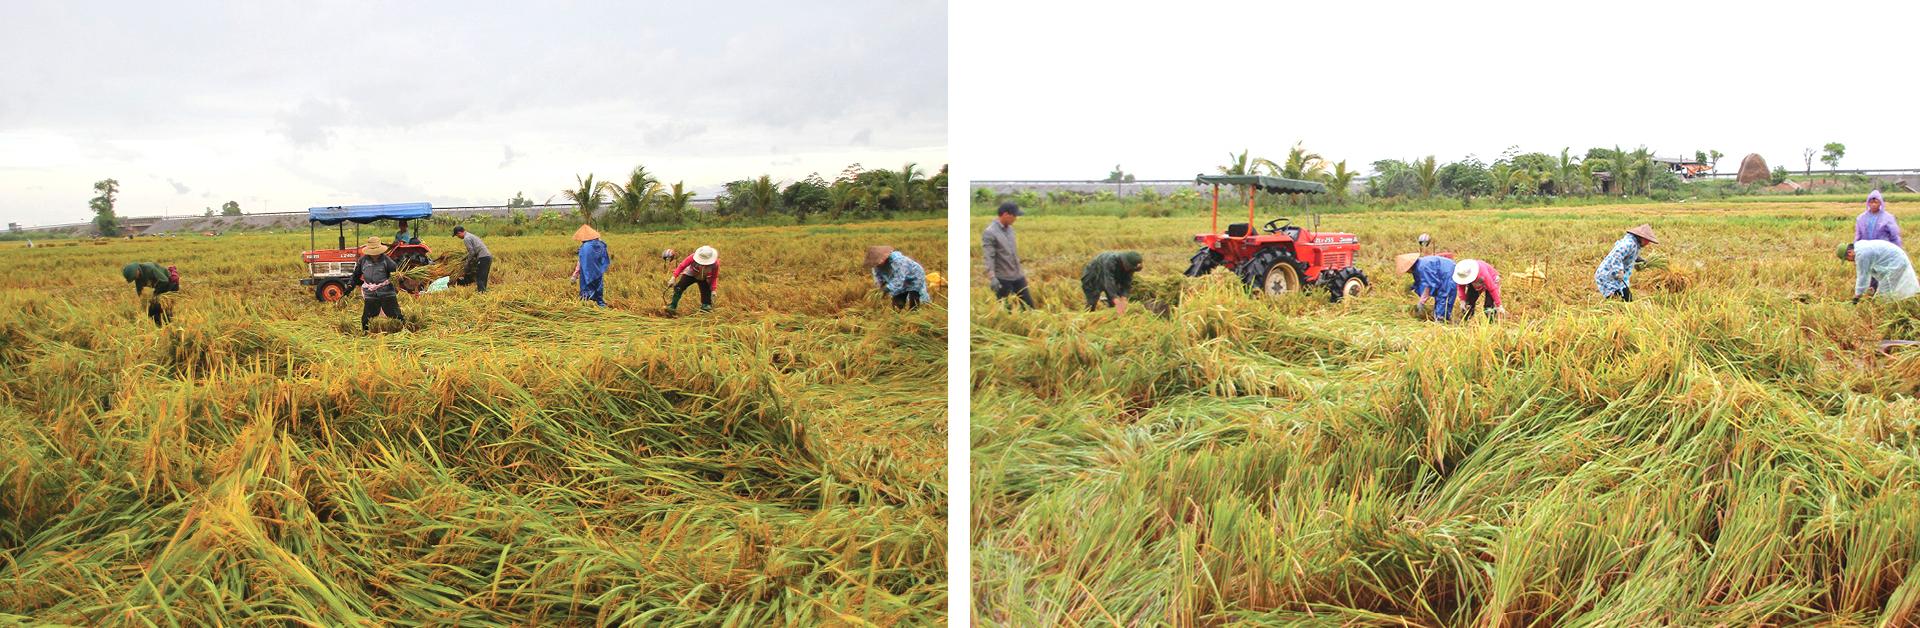 Nông dân miền Trung dầm mình cứu lúa sau mưa bão  ảnh 7